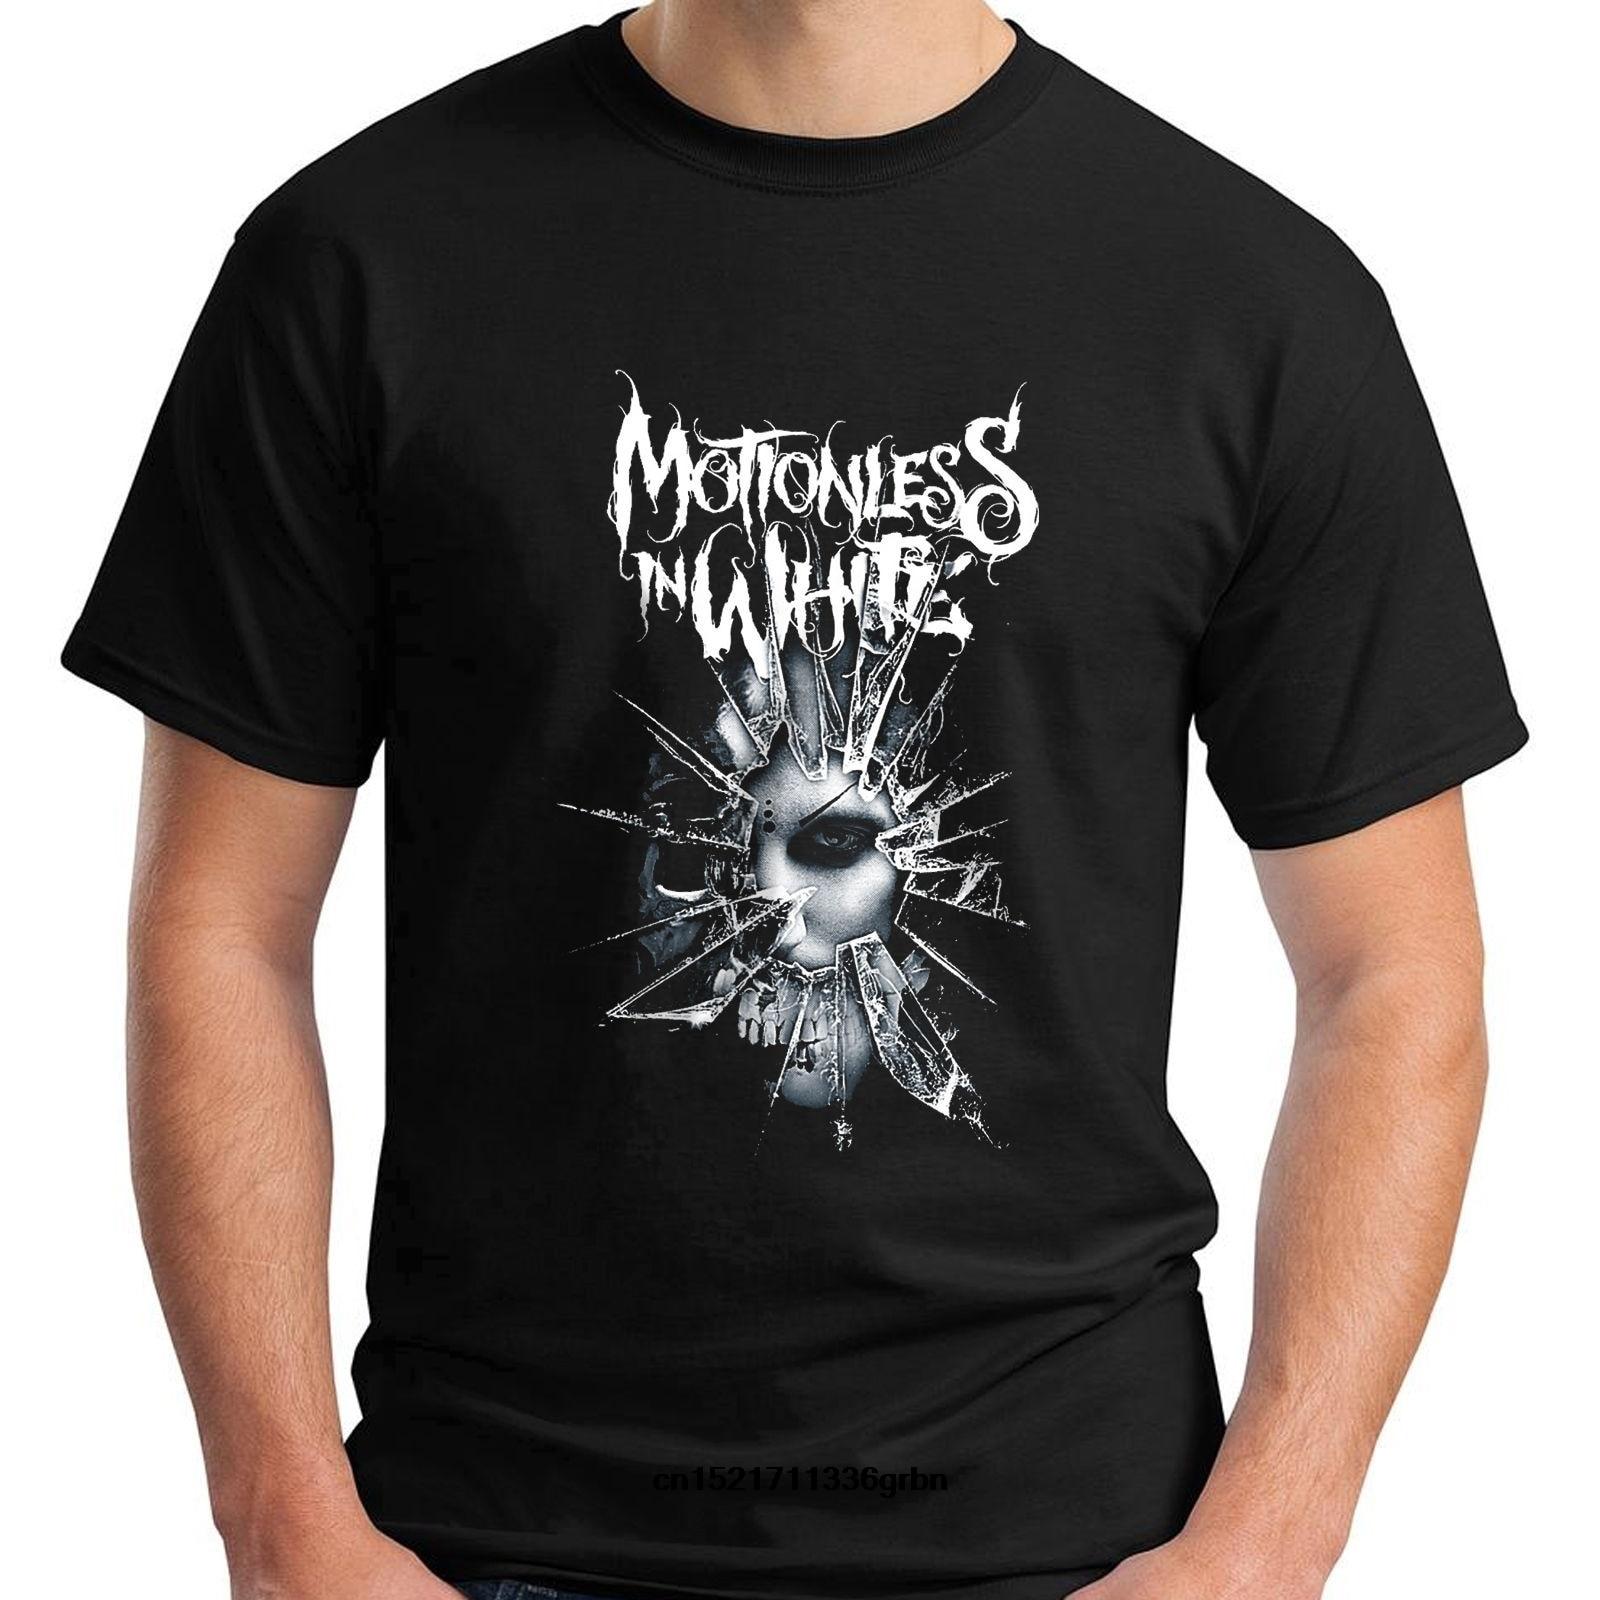 Мужская футболка с подвижным белым металлическим браслетом Chris Cerulli, черная модная забавная футболка, новинка, футболка для мужчин